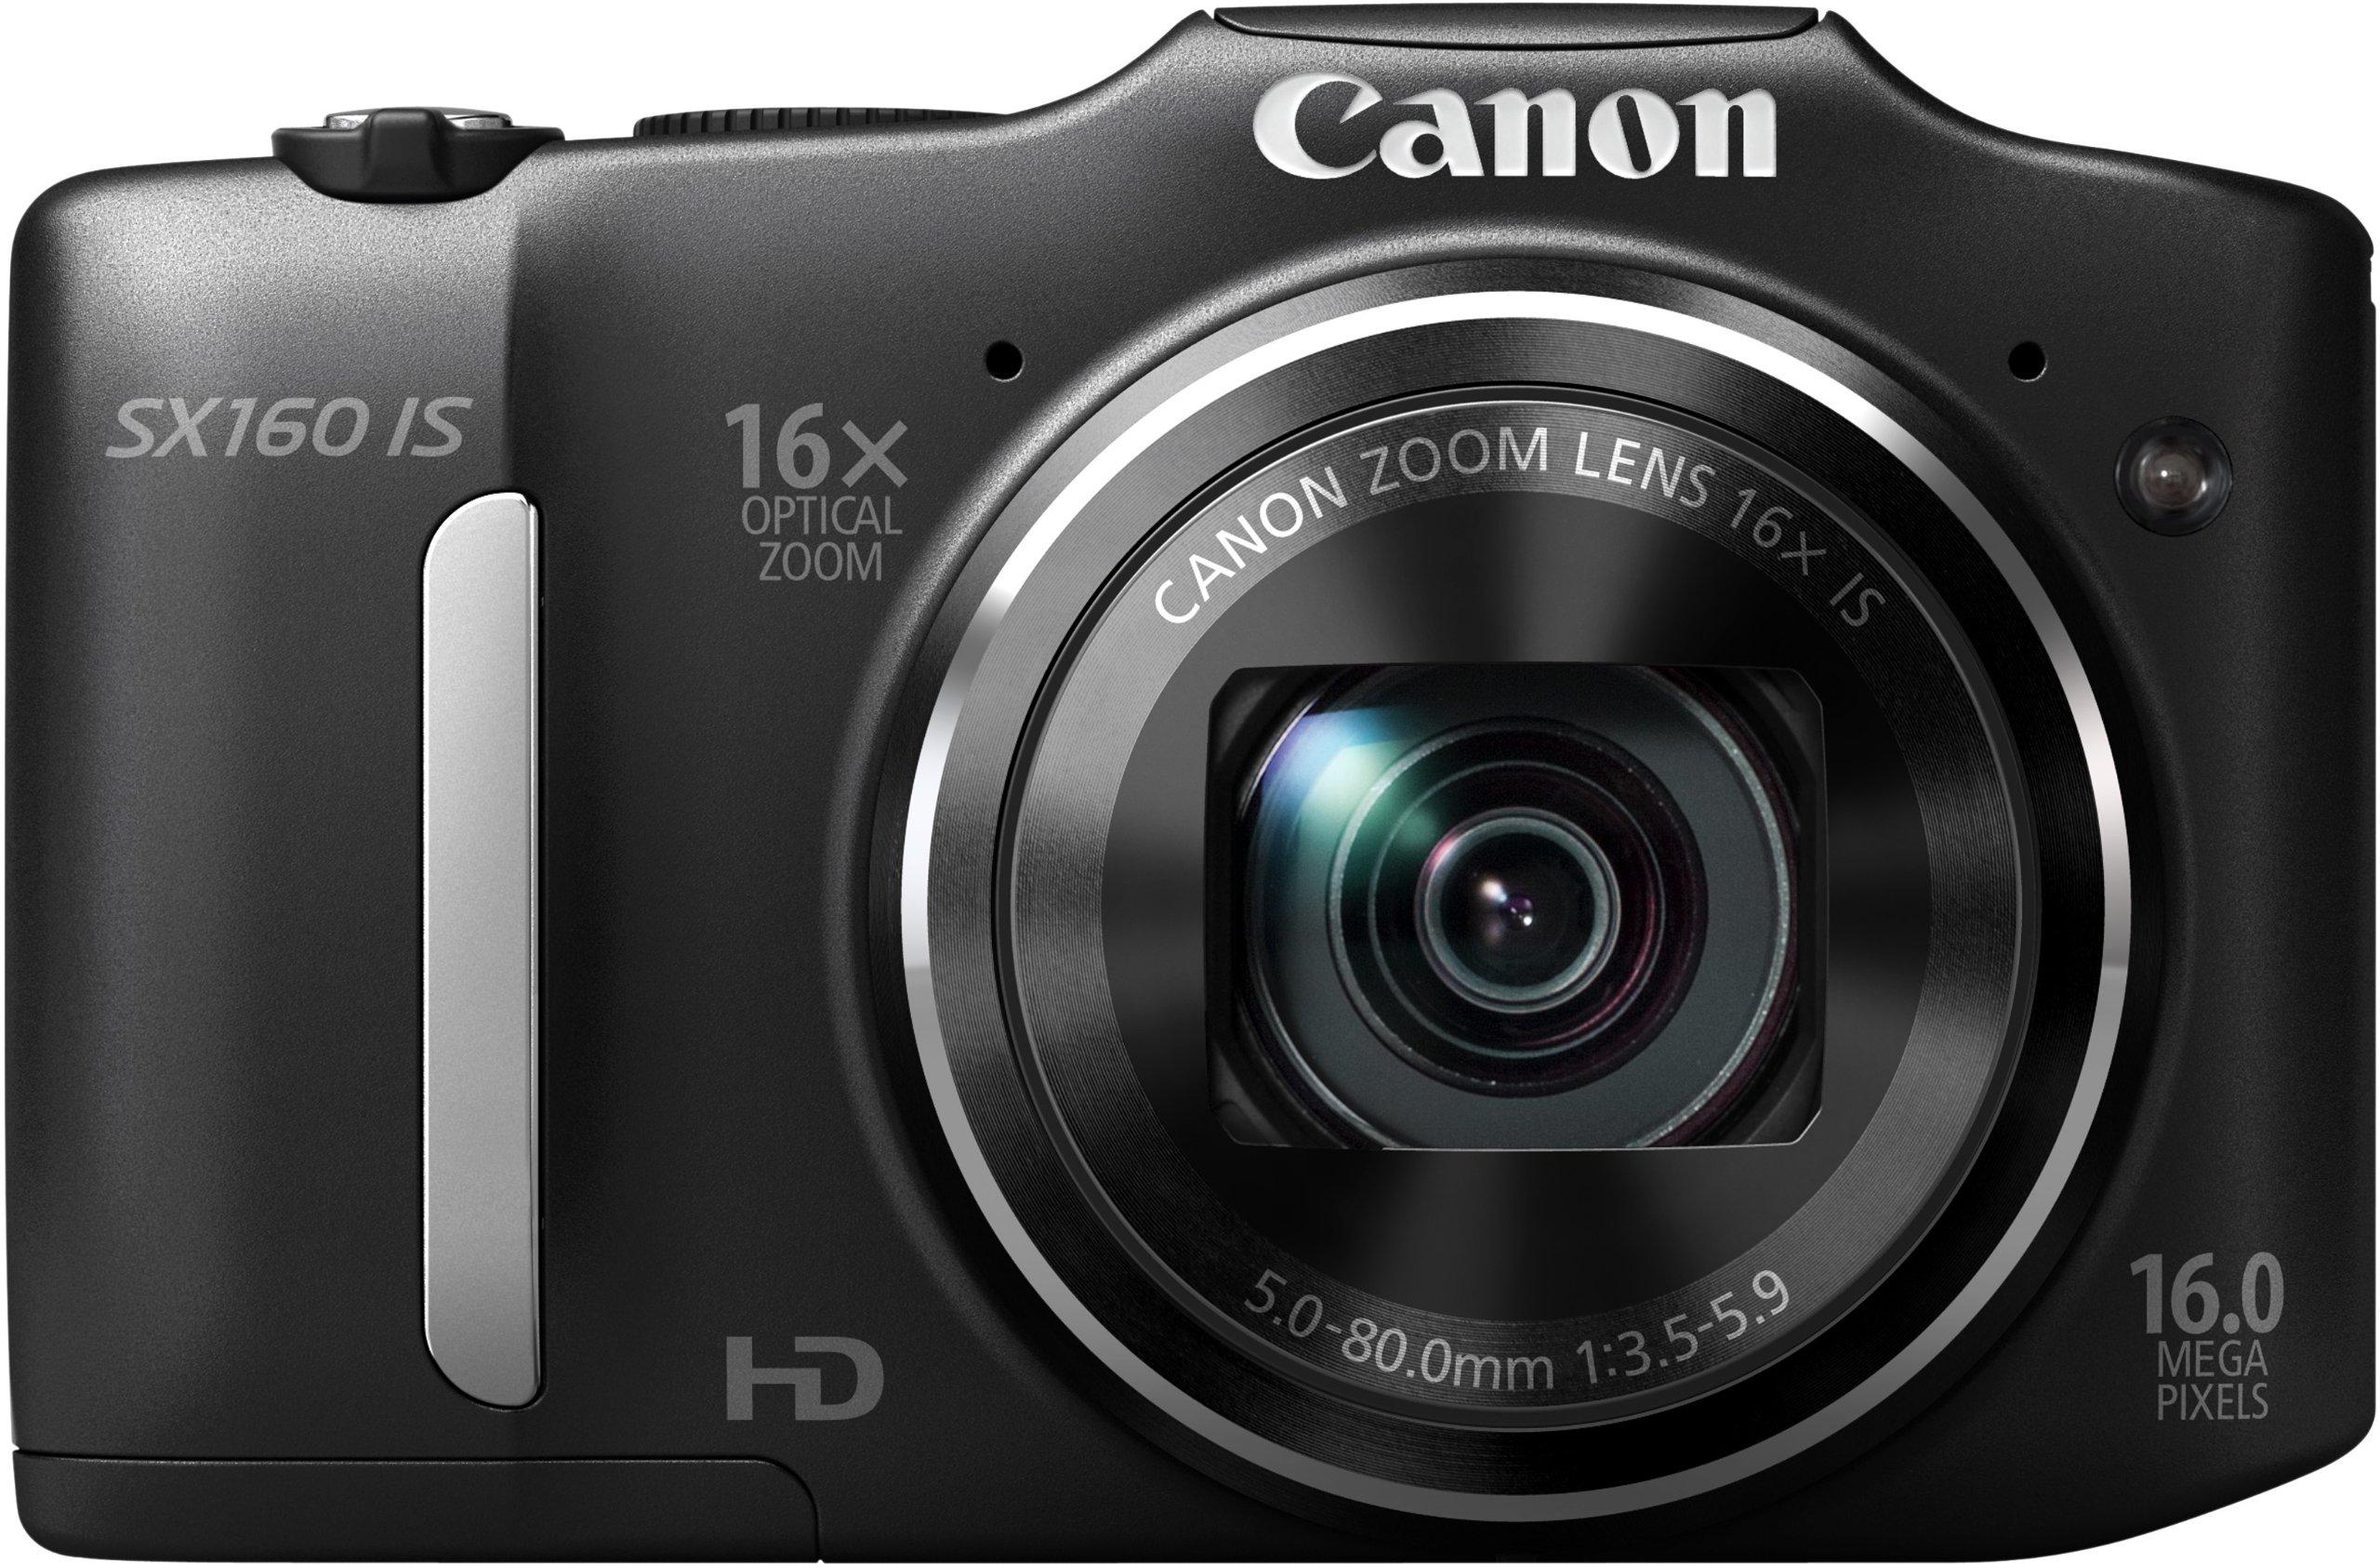 """Canon PowerShot SX160 IS - Cámara digital compacta de 16 Mp (pantalla de 3"""", zoom óptico 16x, estabilizador de imagen óptico), color negro product image"""